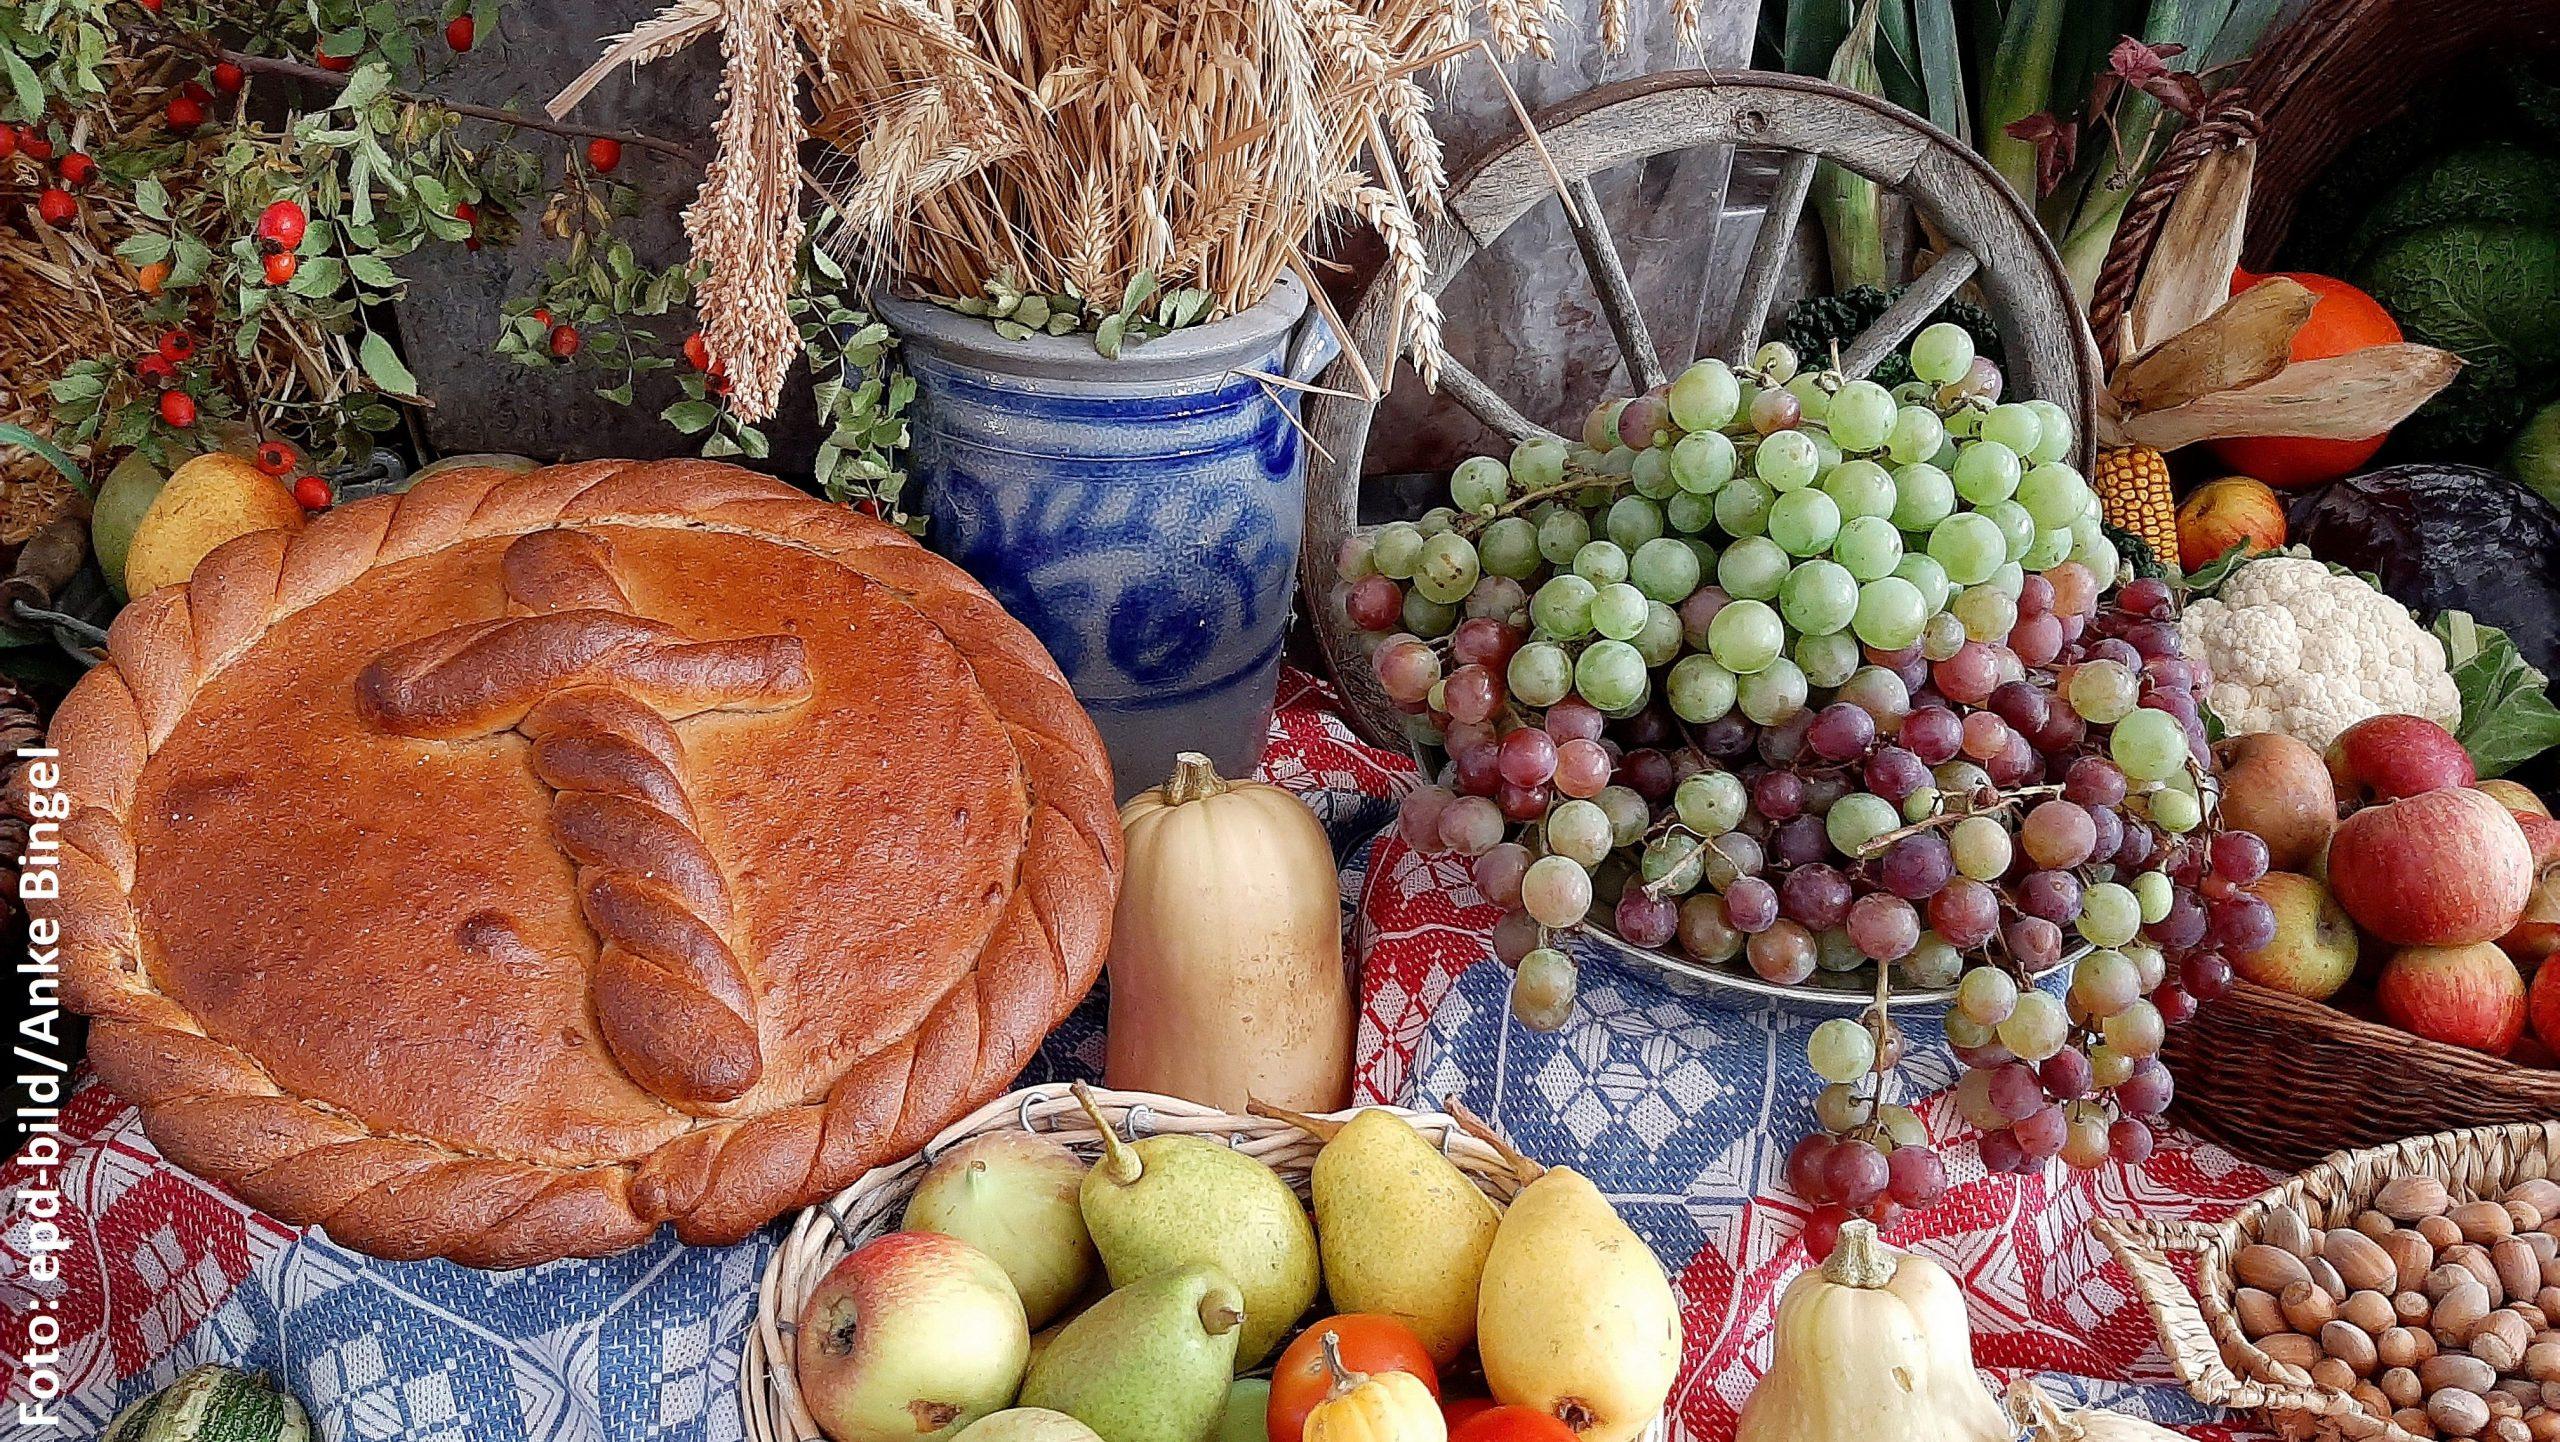 Verschiedene Erntedankgaben wie Brot, Weizen, Weintrauben, Äpfel und Birnen, Kürbisse, Nüsse auf einer Decke zusammengestellt